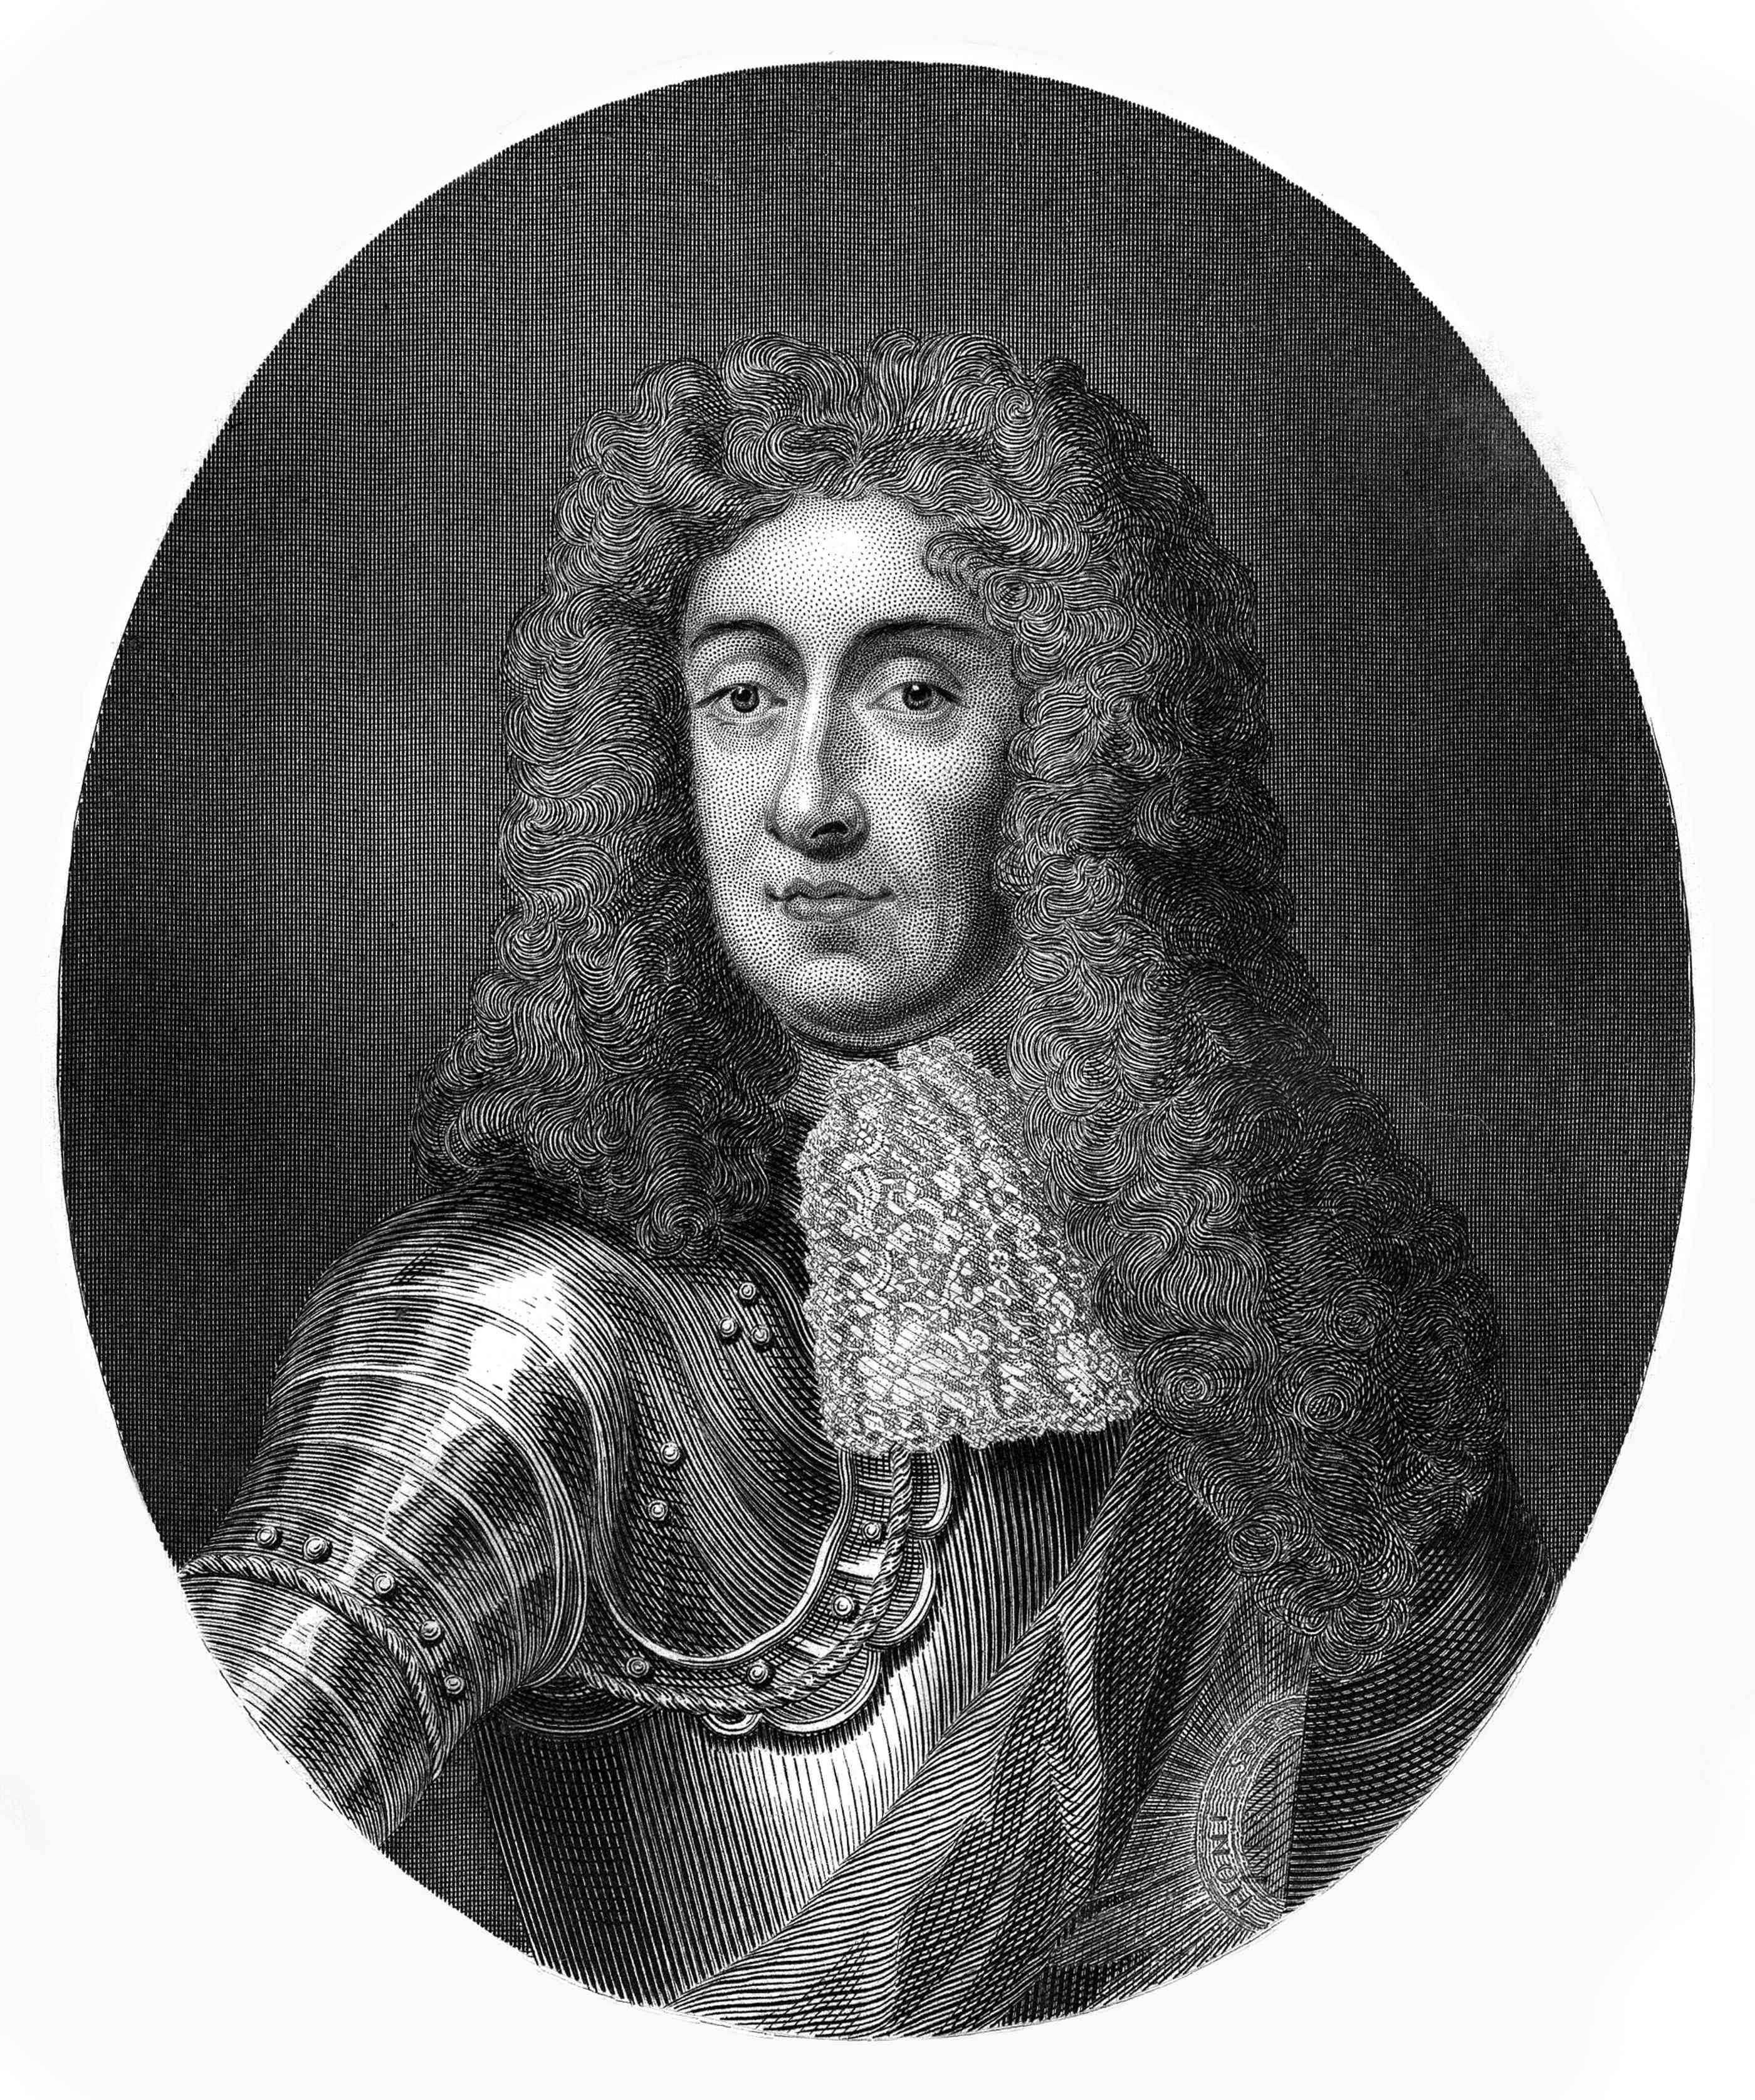 James II, portrait